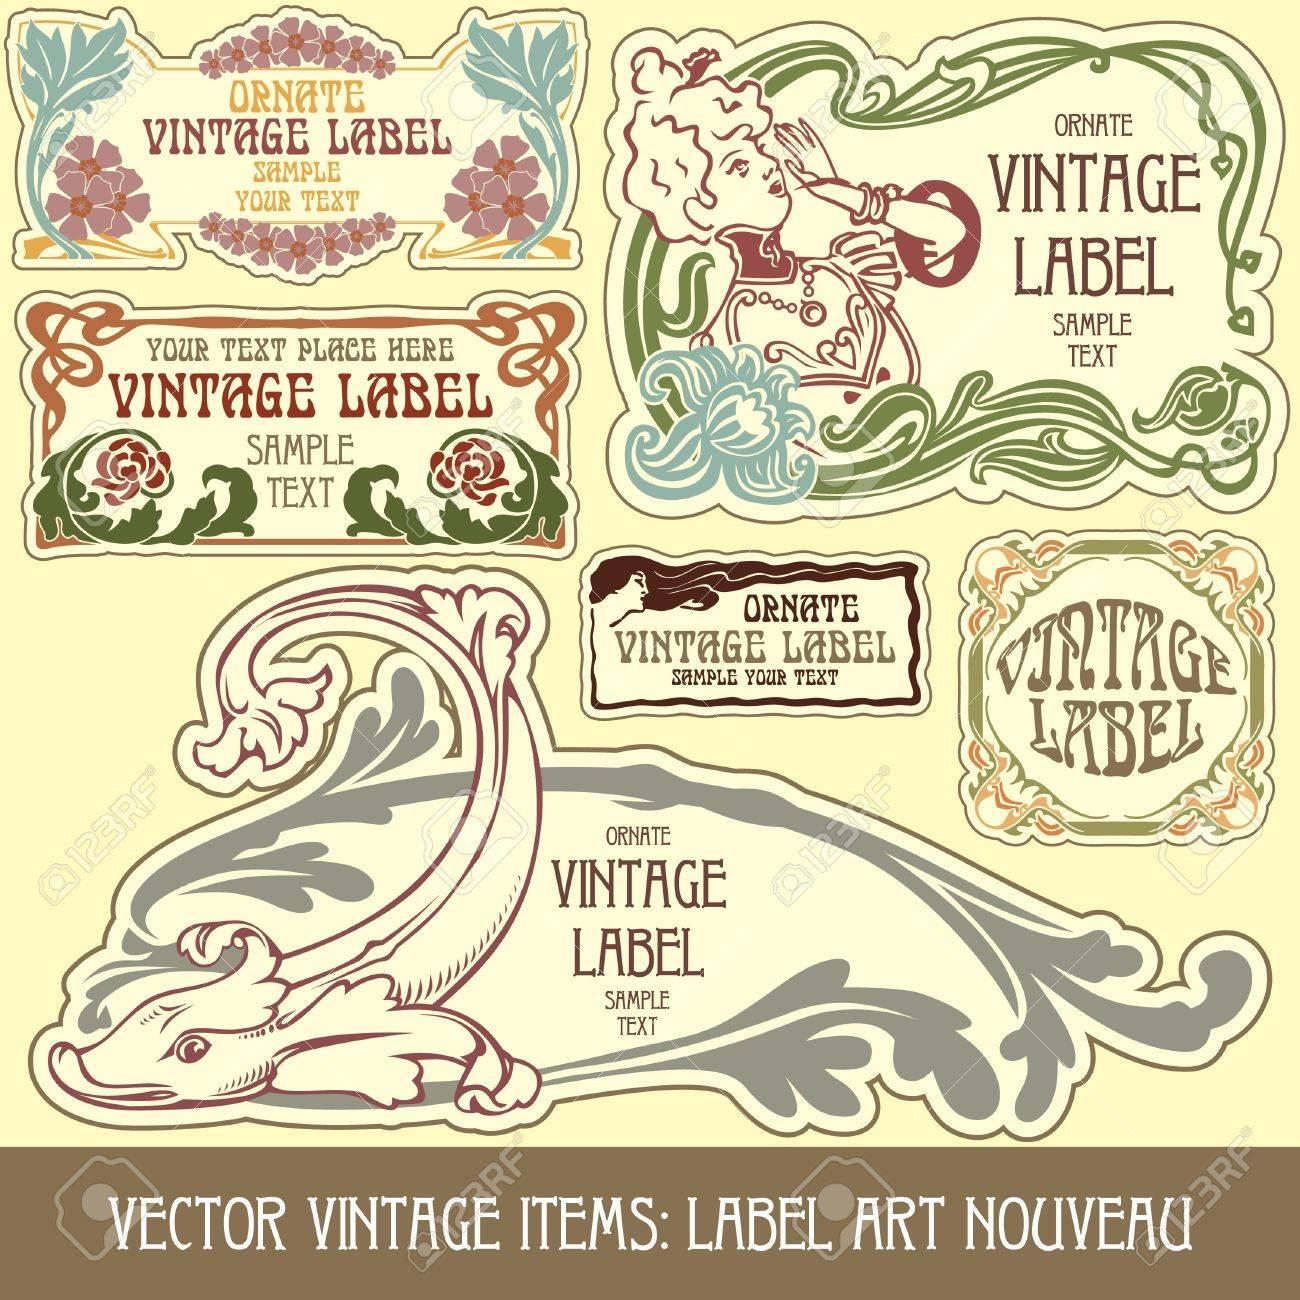 vintage items: label art nouveau Stock Vector - 10475517